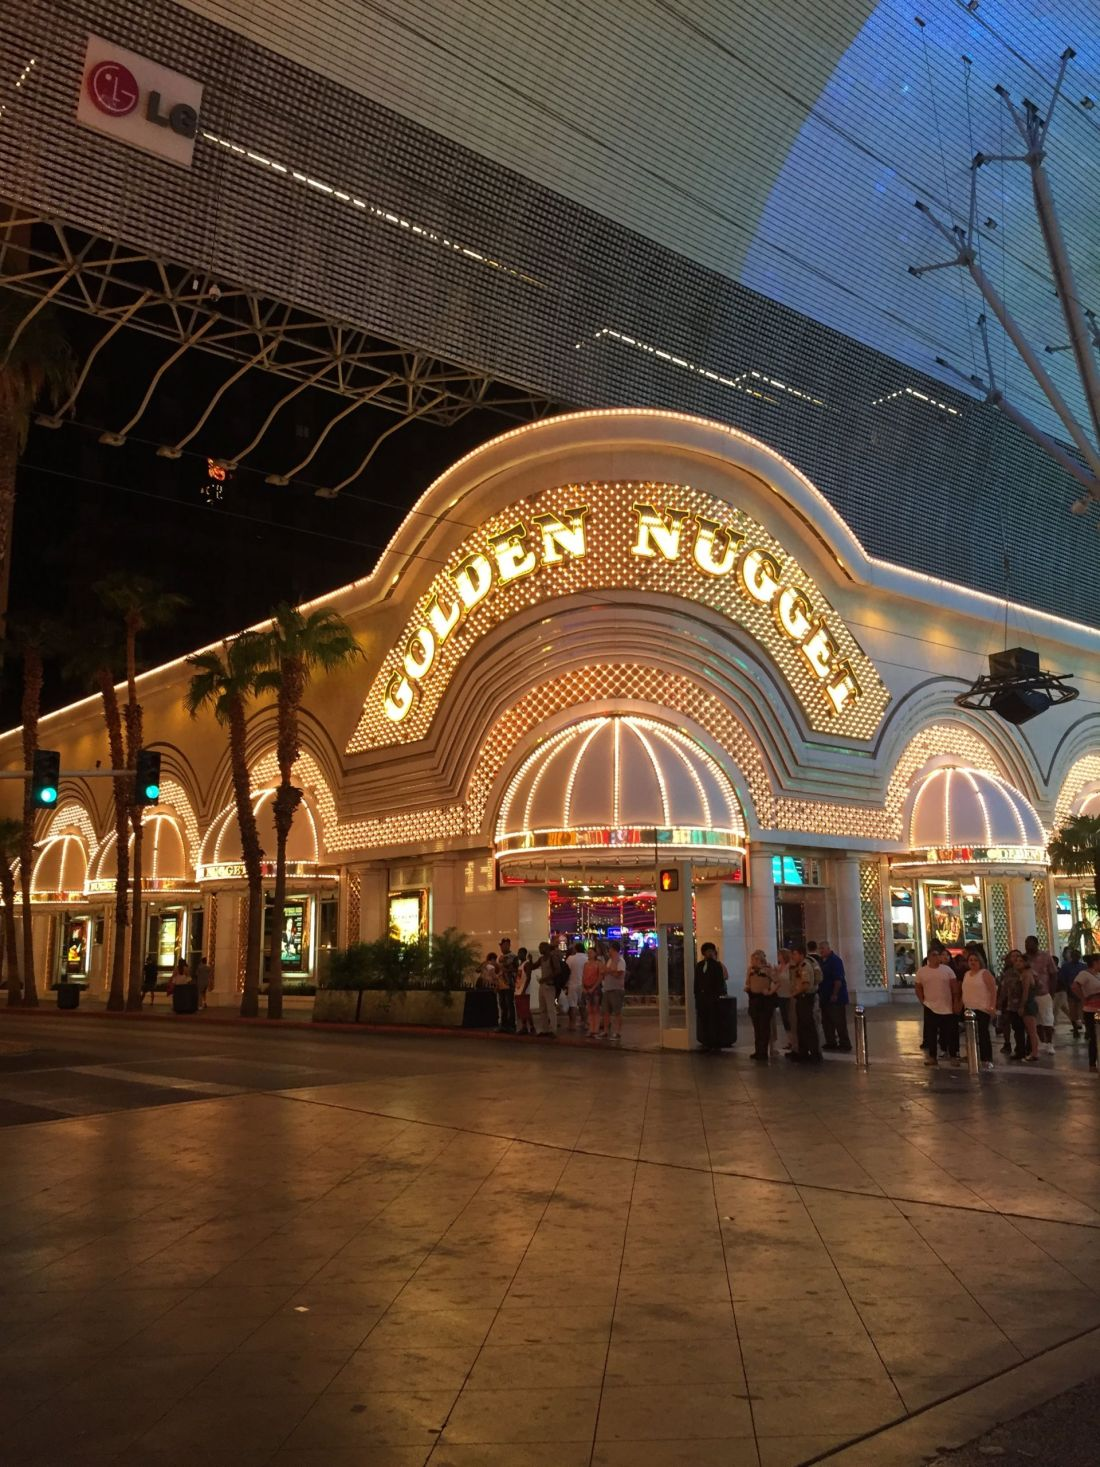 Golden Nugget, Downtown Las Vegas